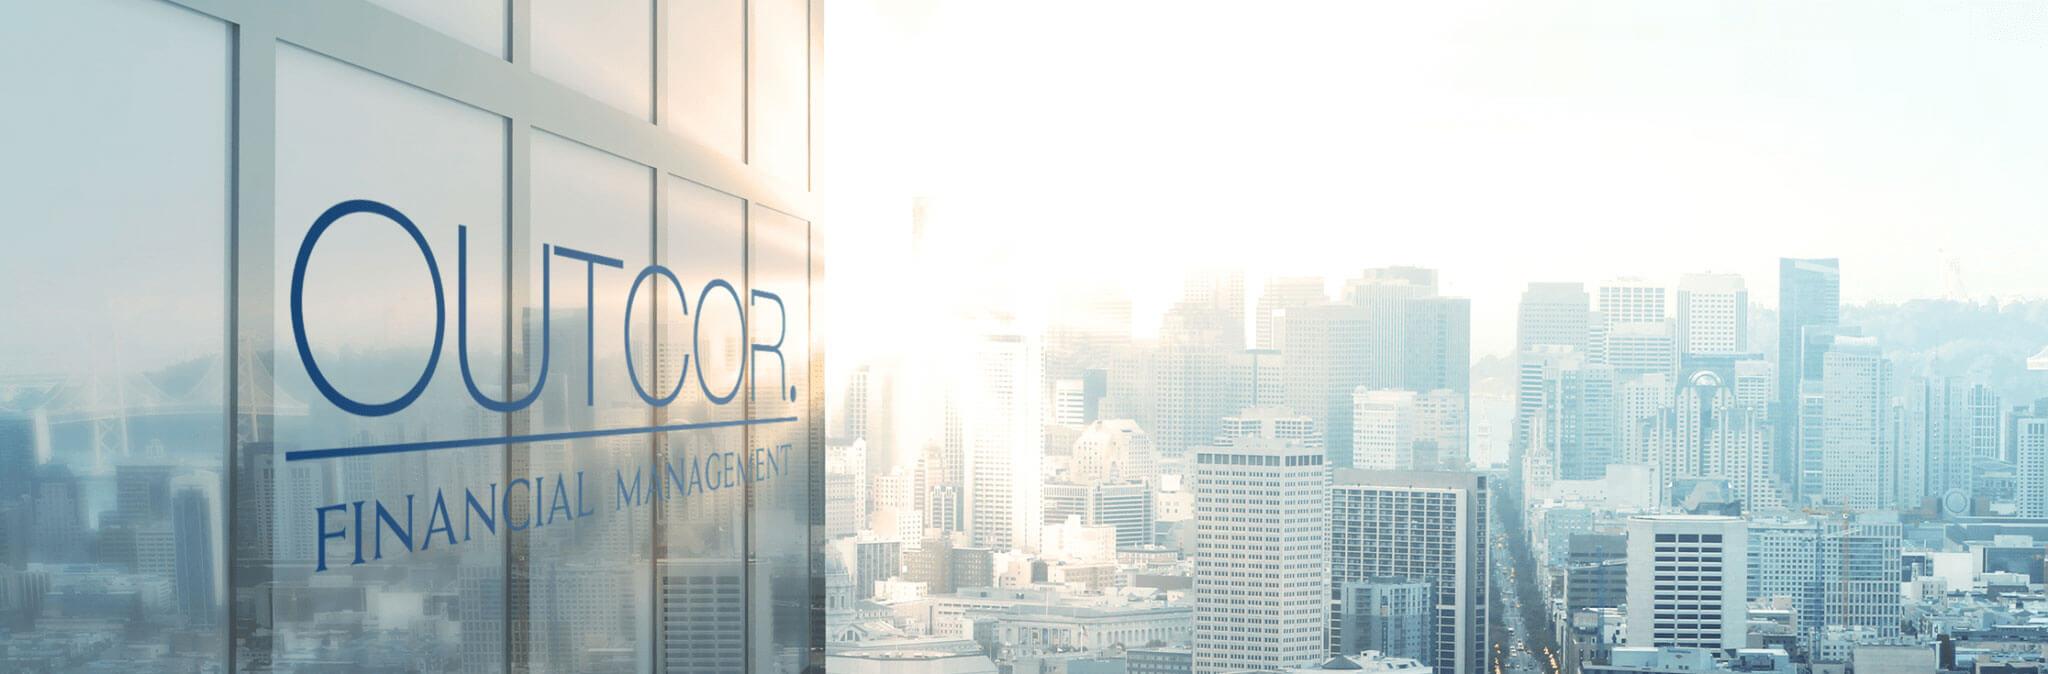 Outcor Financial Management Wallpaper